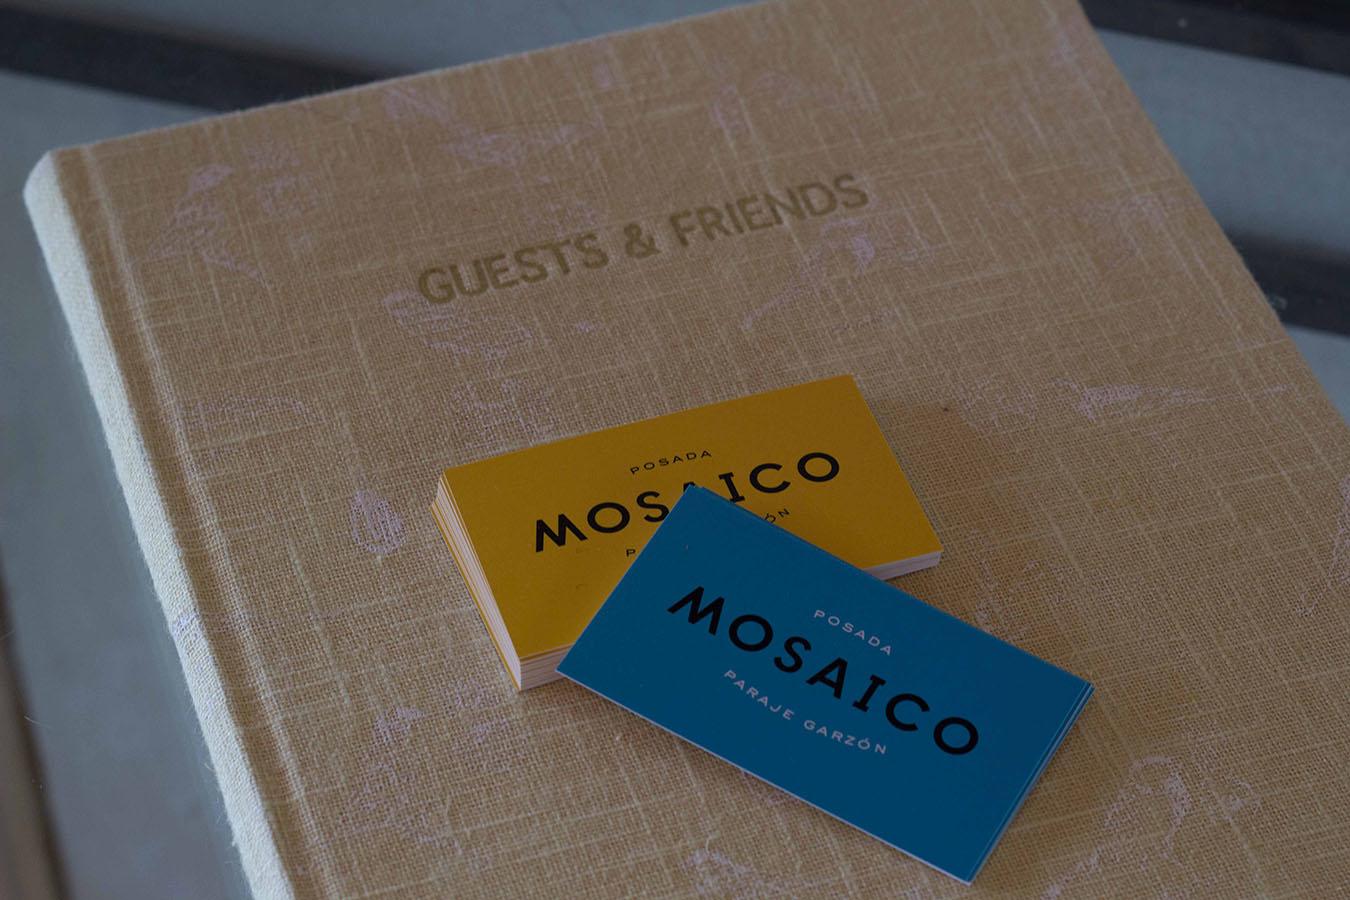 Posada Mosaico by HART